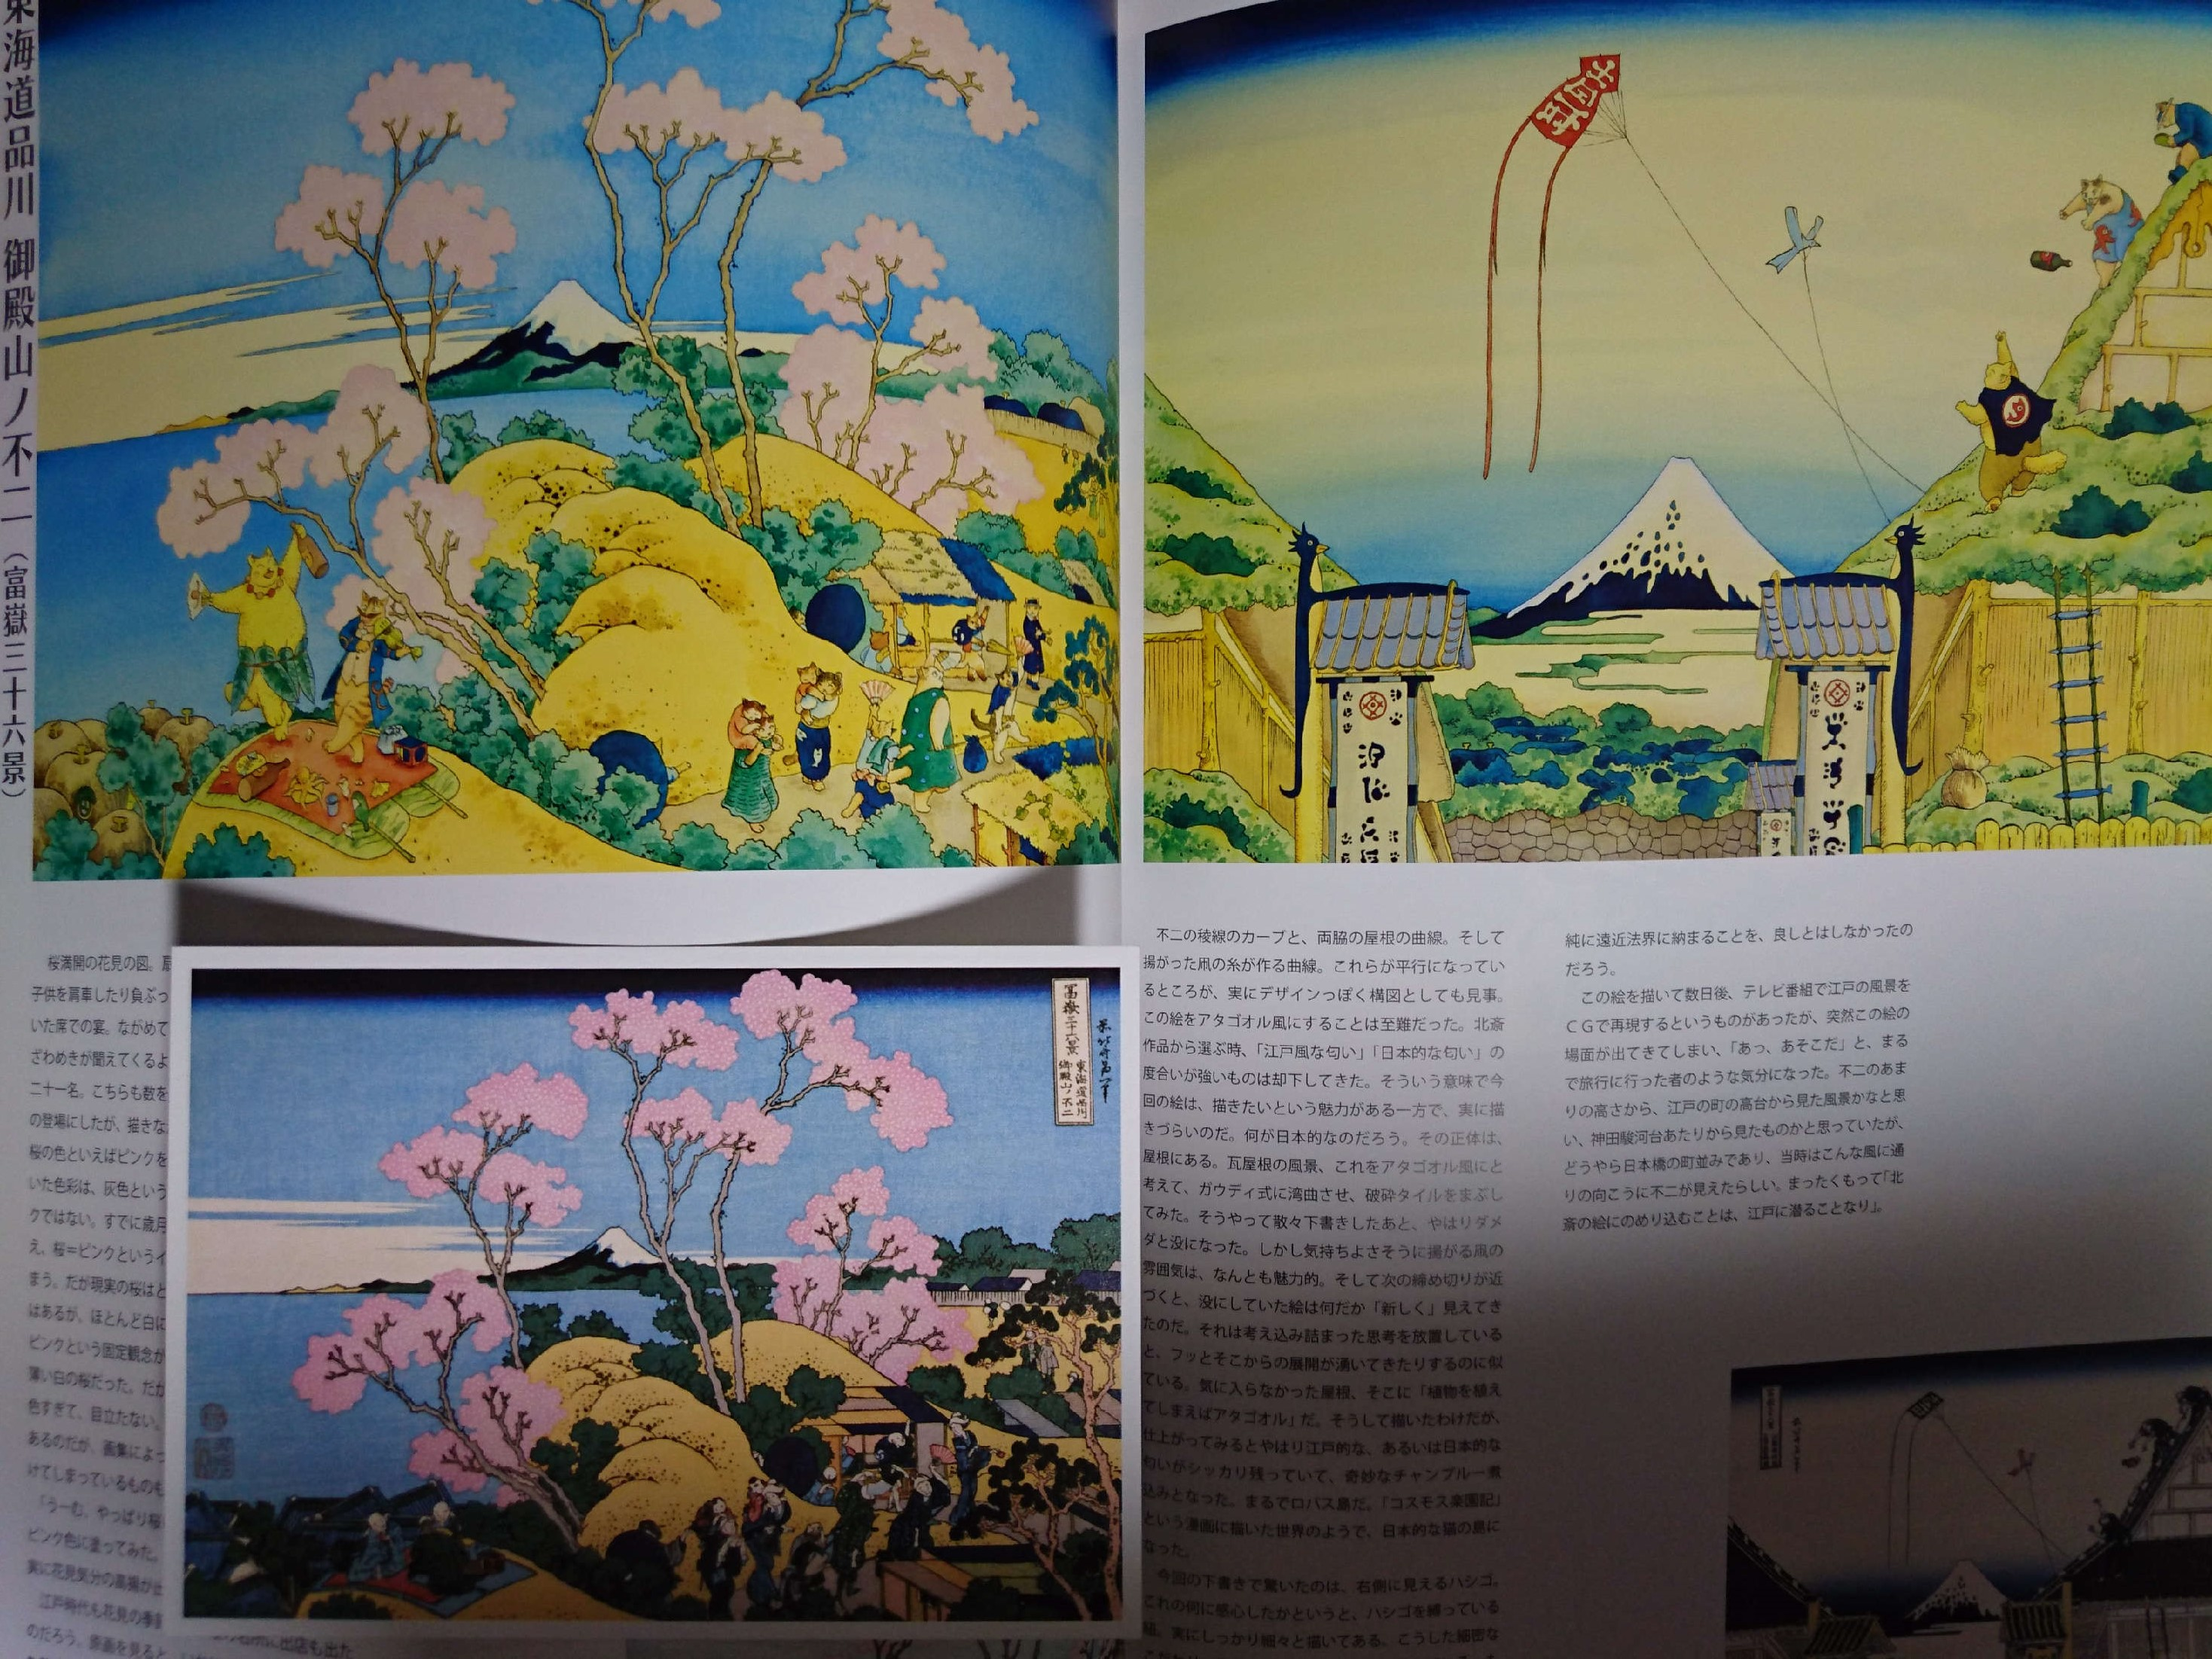 ますむらひろし葛飾北斎画集ページ内